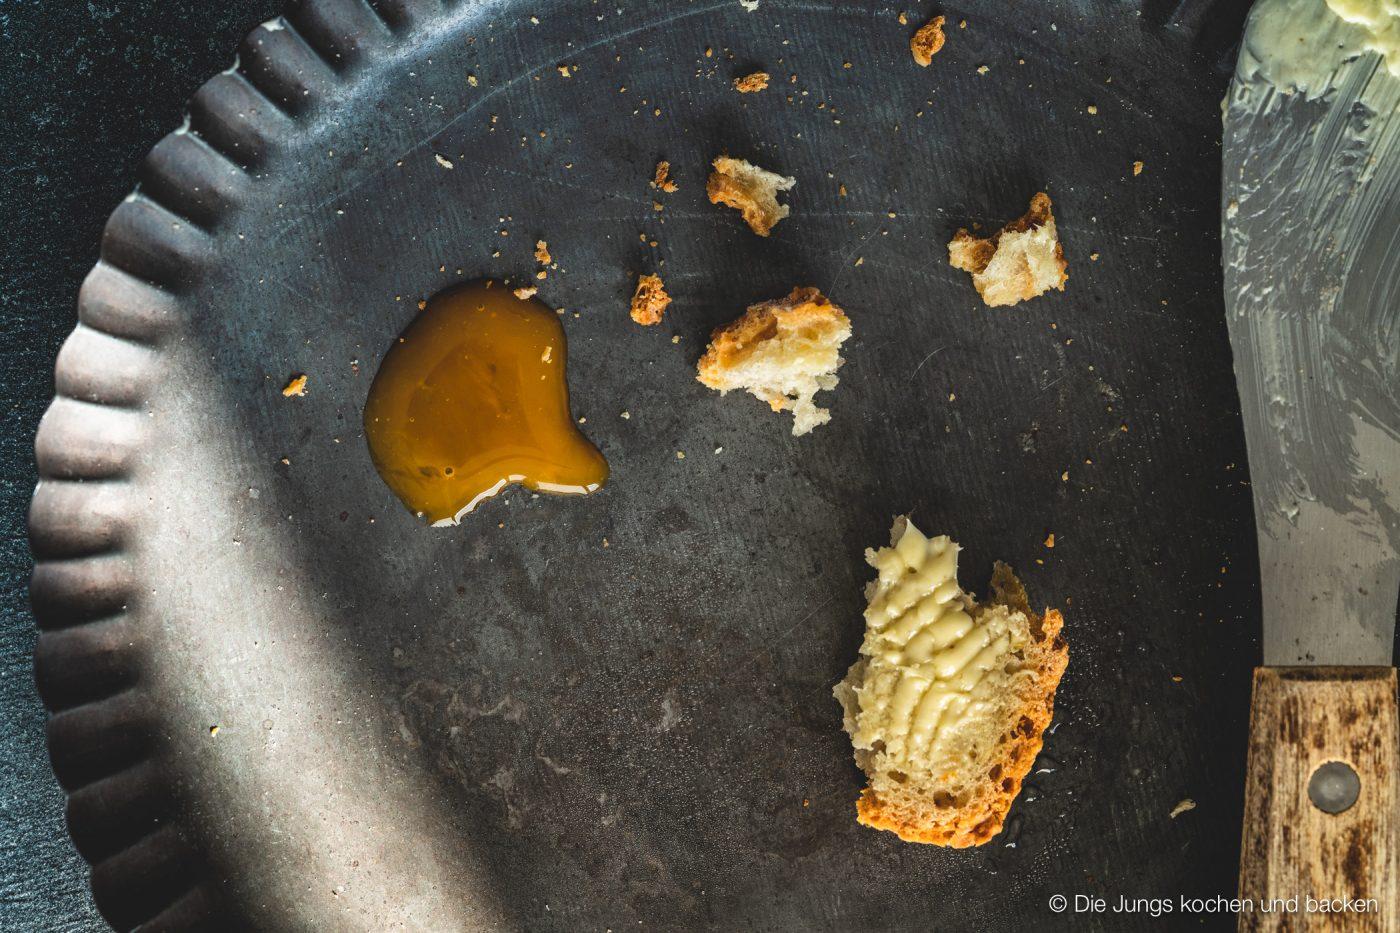 Kartoffelpuffert Kartoffelbrot 8 | Aber sei es drum Kartoffelpuffert ist ein Kartoffelbrot. Es wird aus Weizenmehl, gekochten und rohen Kartoffeln gebacken. Das Rezept stammt von der guten Tante Ida. Sie war - ich hoffe, ihre Familie ist mir da jetzt nicht böse - die so genannte Zeitung von Brüchermühle.